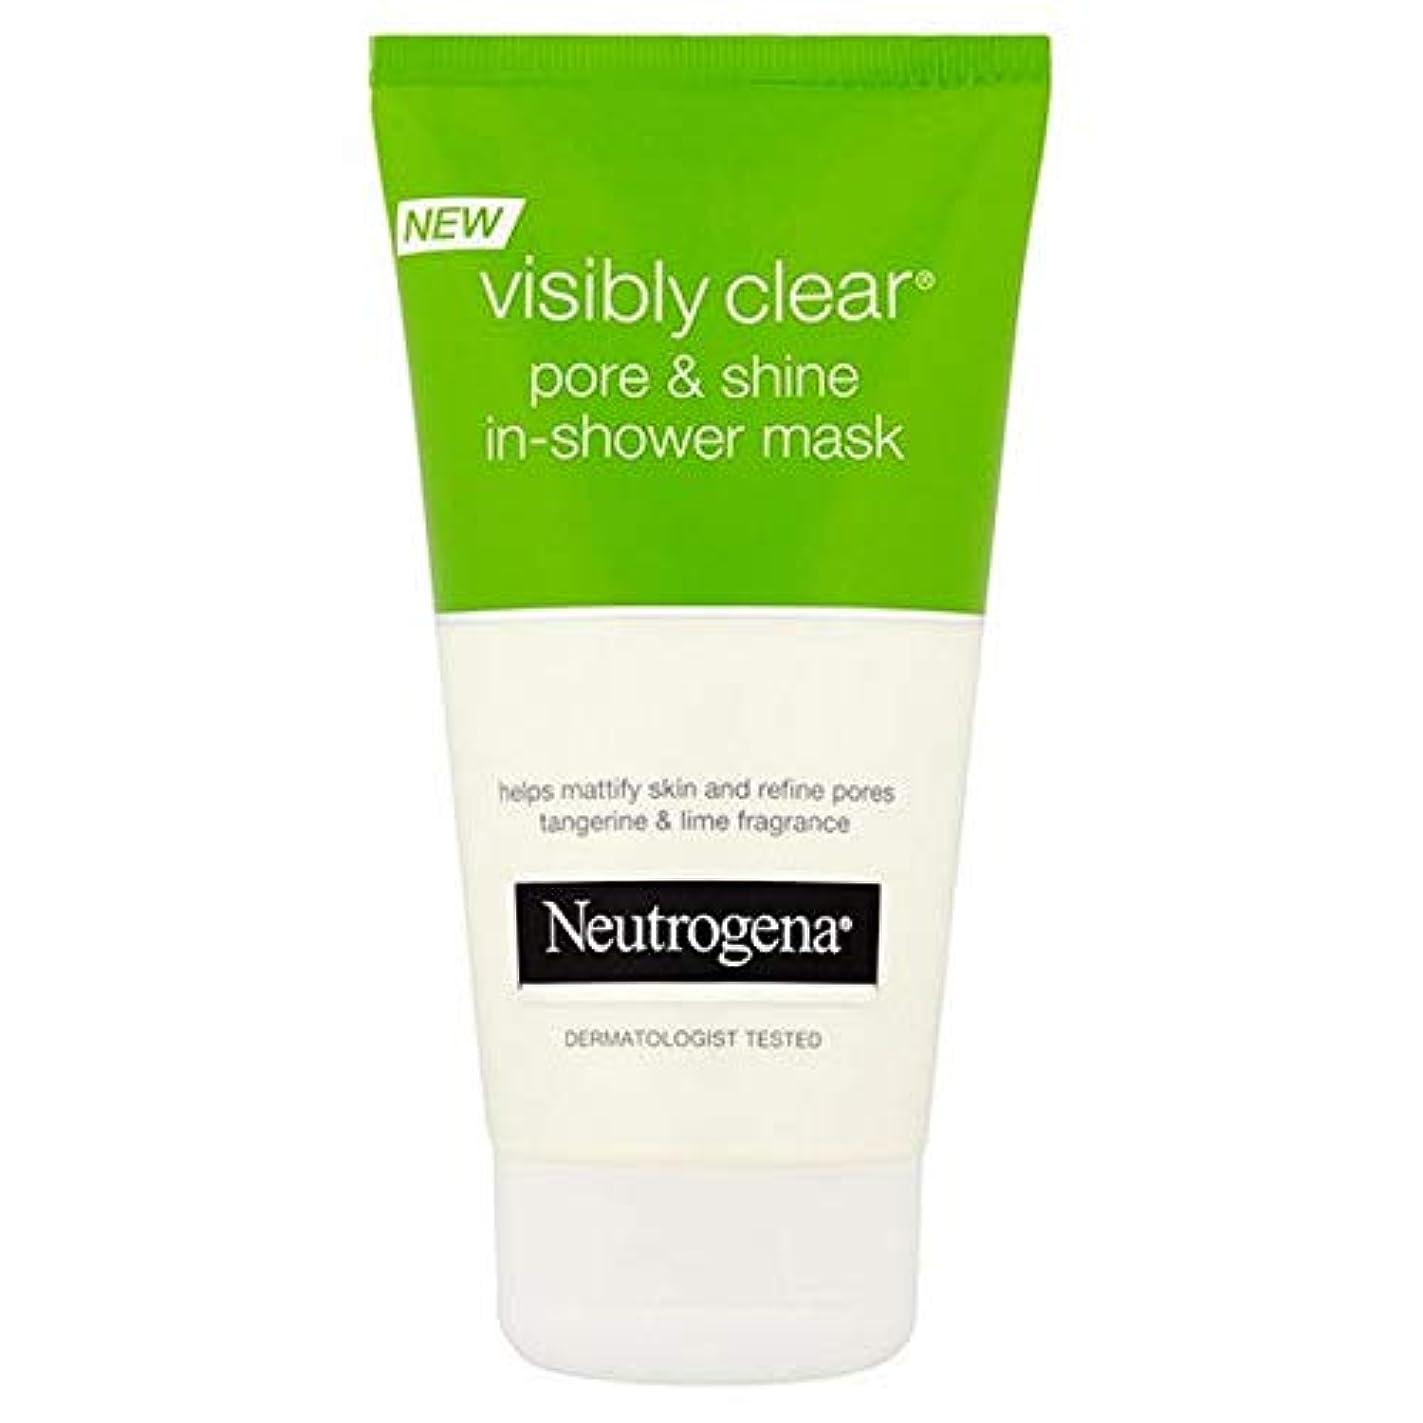 切り離す平均テンション[Neutrogena] シャワーマスク150ミリリットルでニュートロジーナ目に見えて明らかポア&輝き - Neutrogena Visibly Clear Pore & Shine In Shower Mask 150ml...